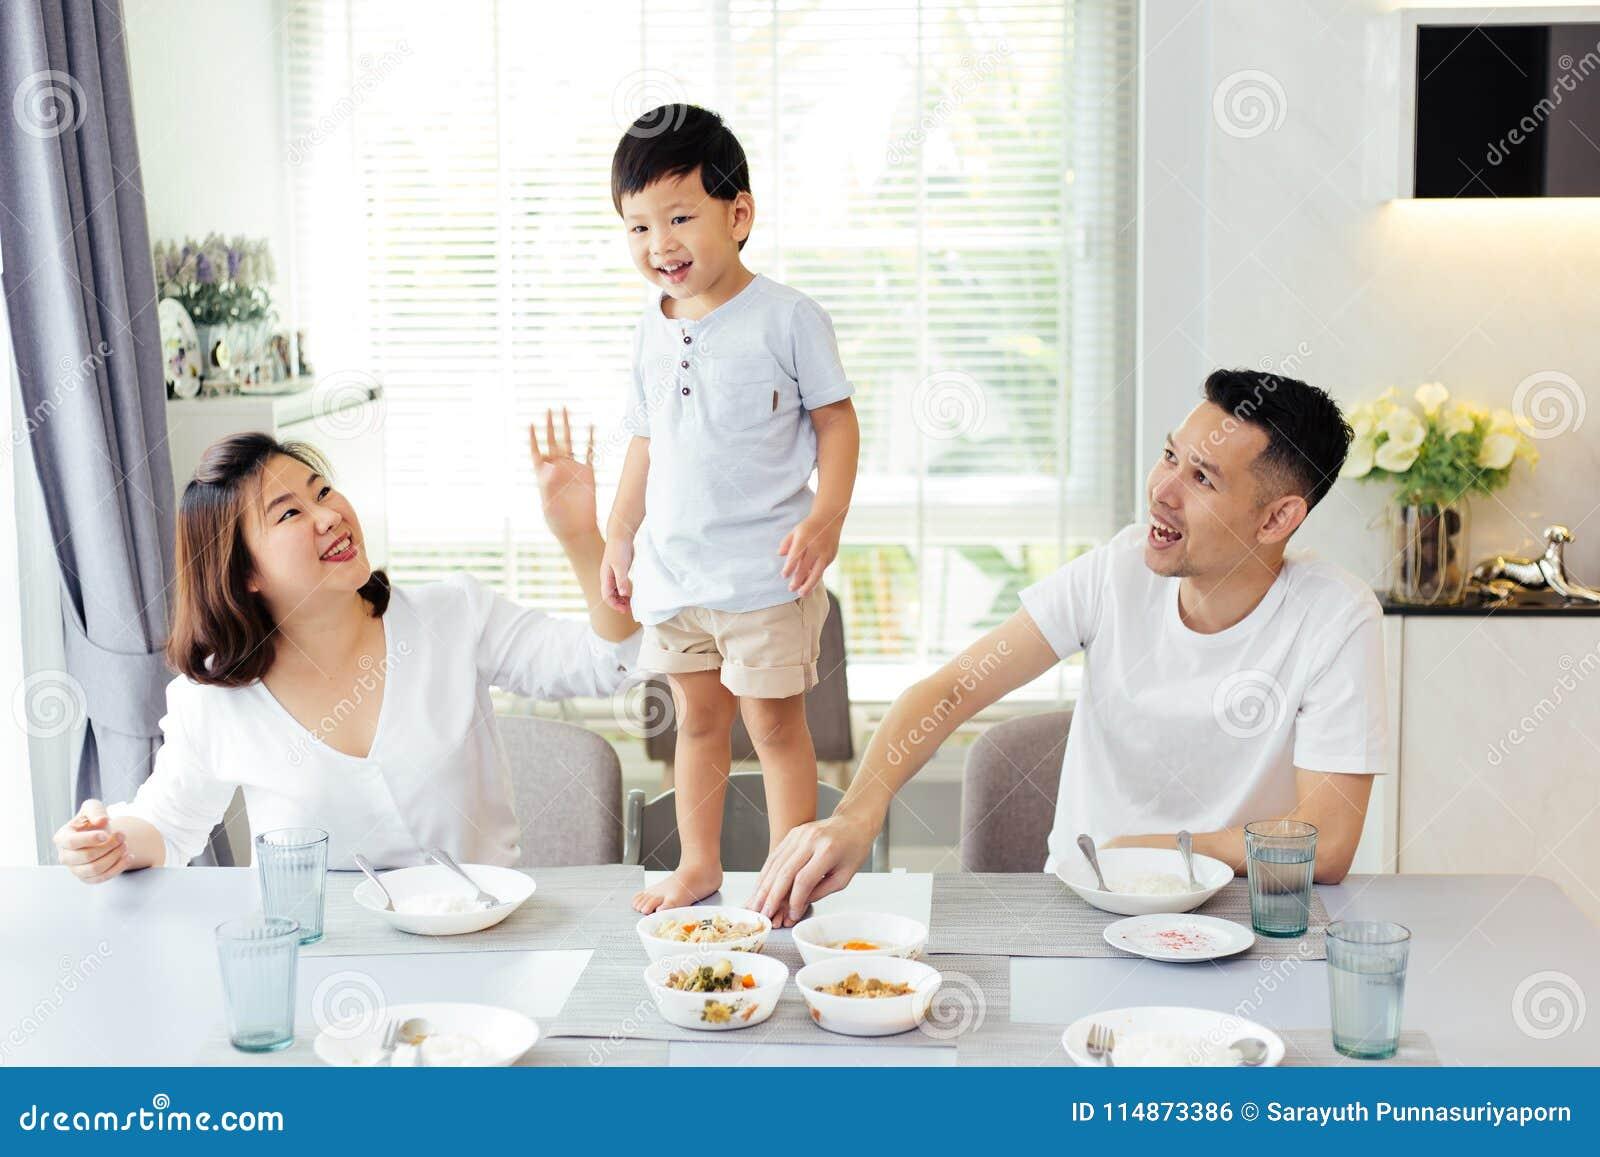 Familia asiática que mira a su niño pues él es resuelto y orgulloso finalmente colocarse en la mesa de comedor